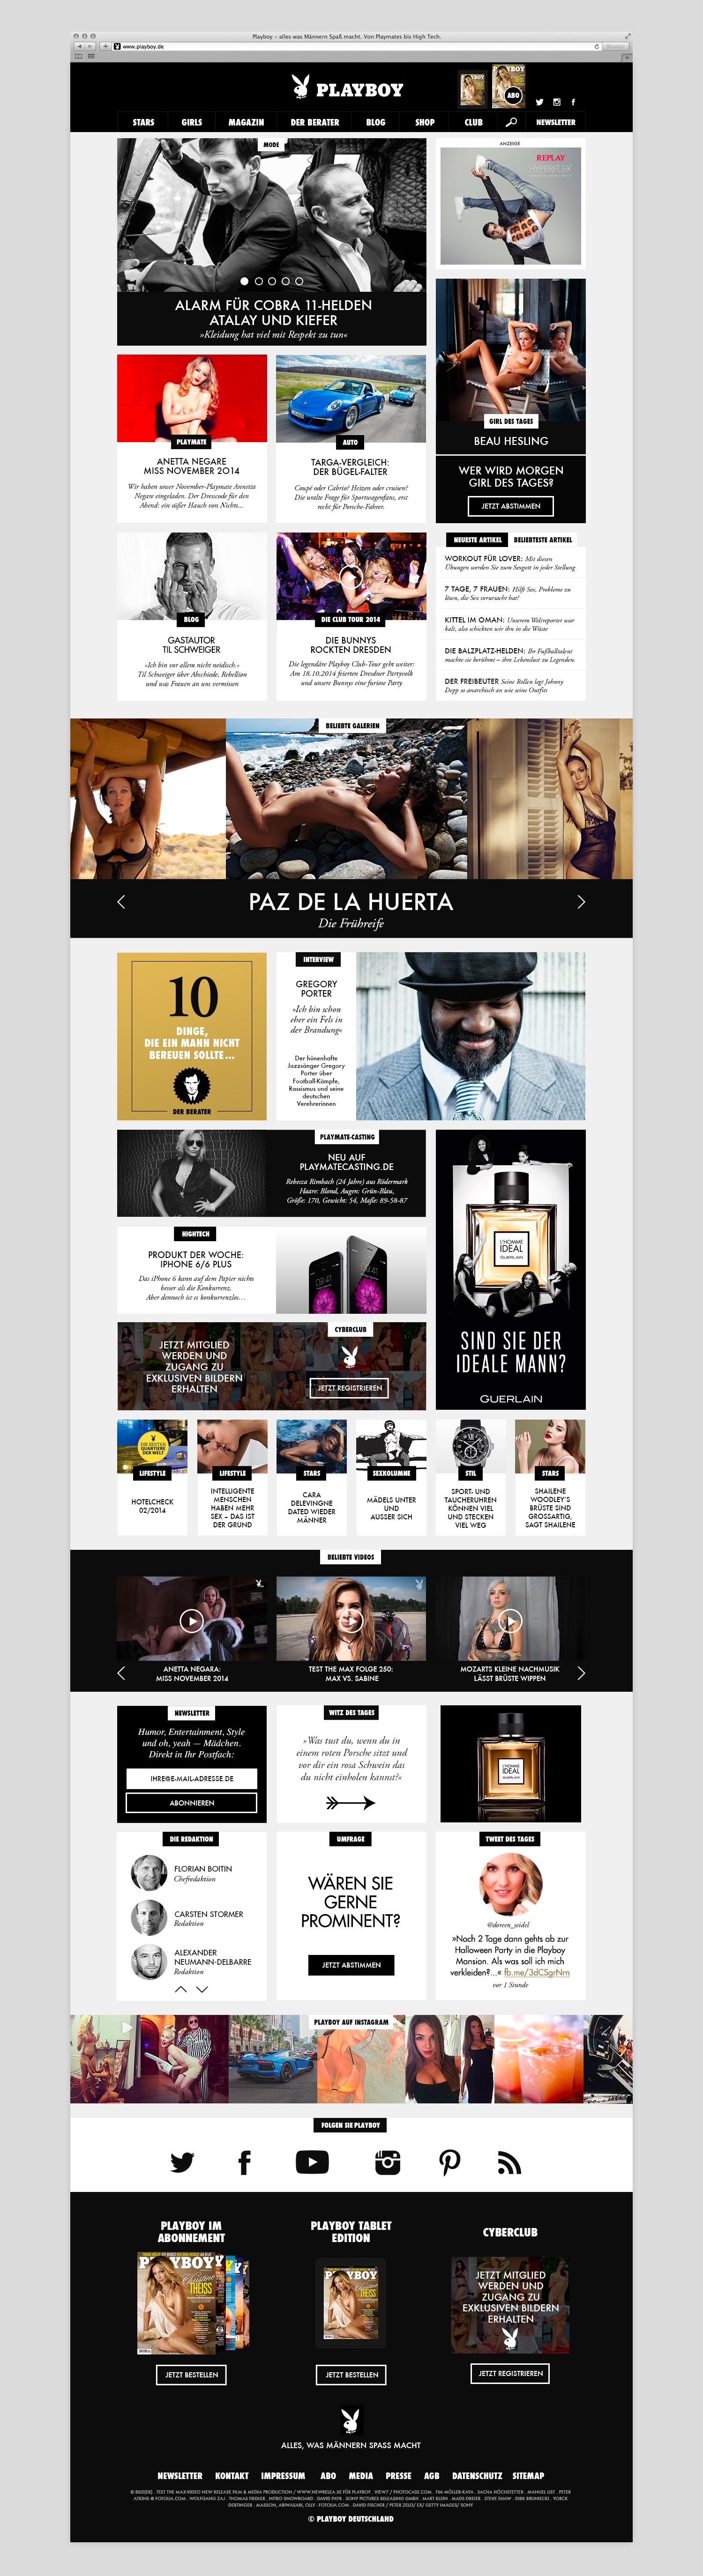 Playboy_Desktop_Start_Portfolio_Schatten